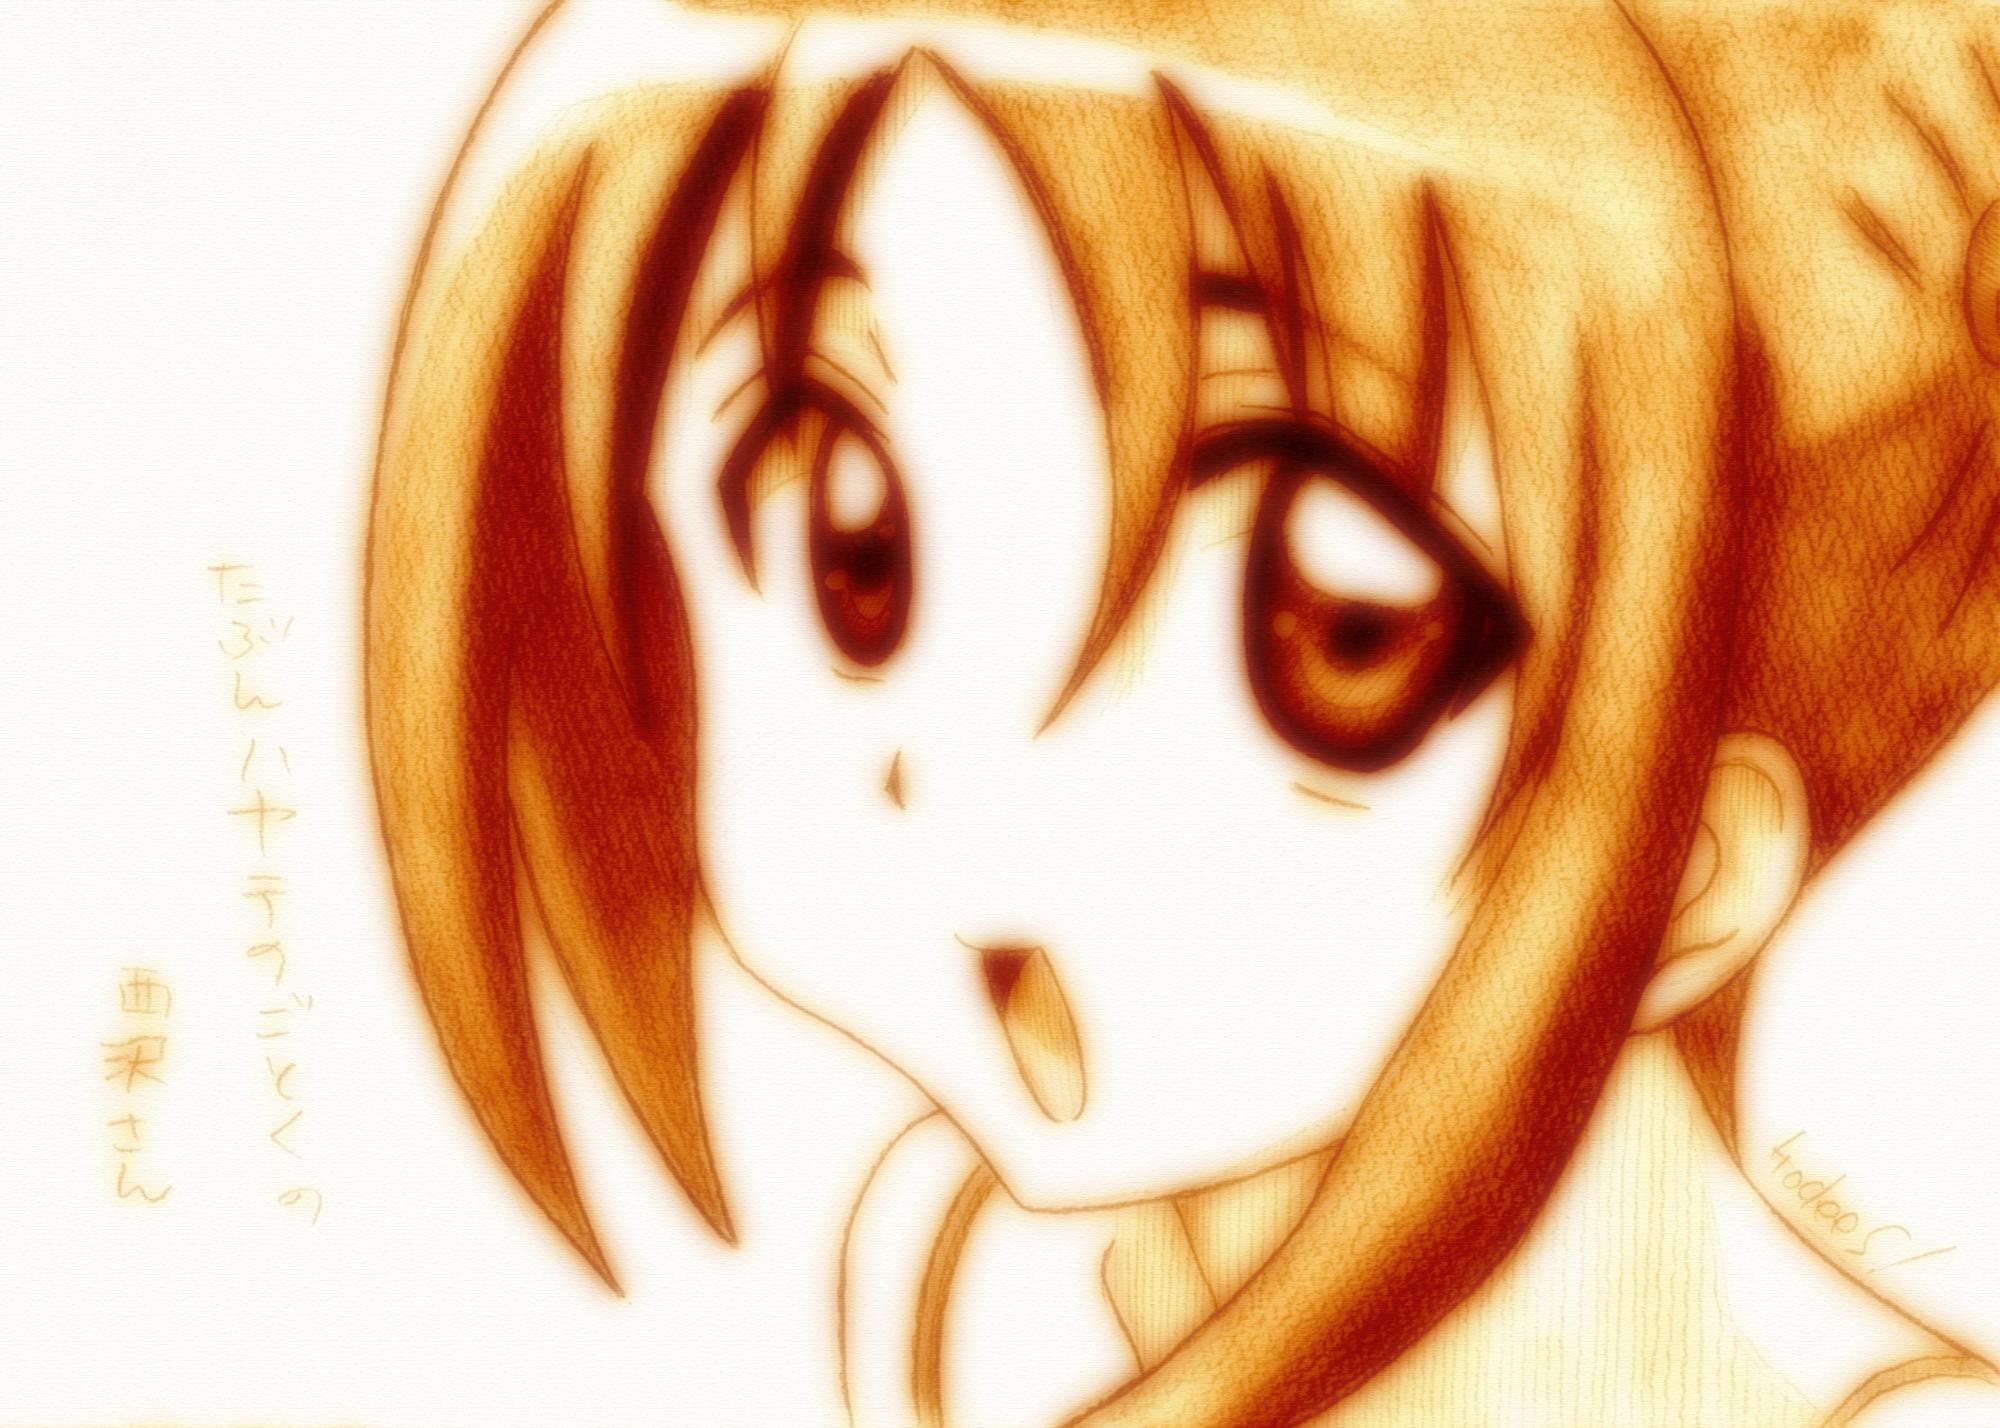 godees hayate_no_gotoku monochrome nishizawa_ayumu